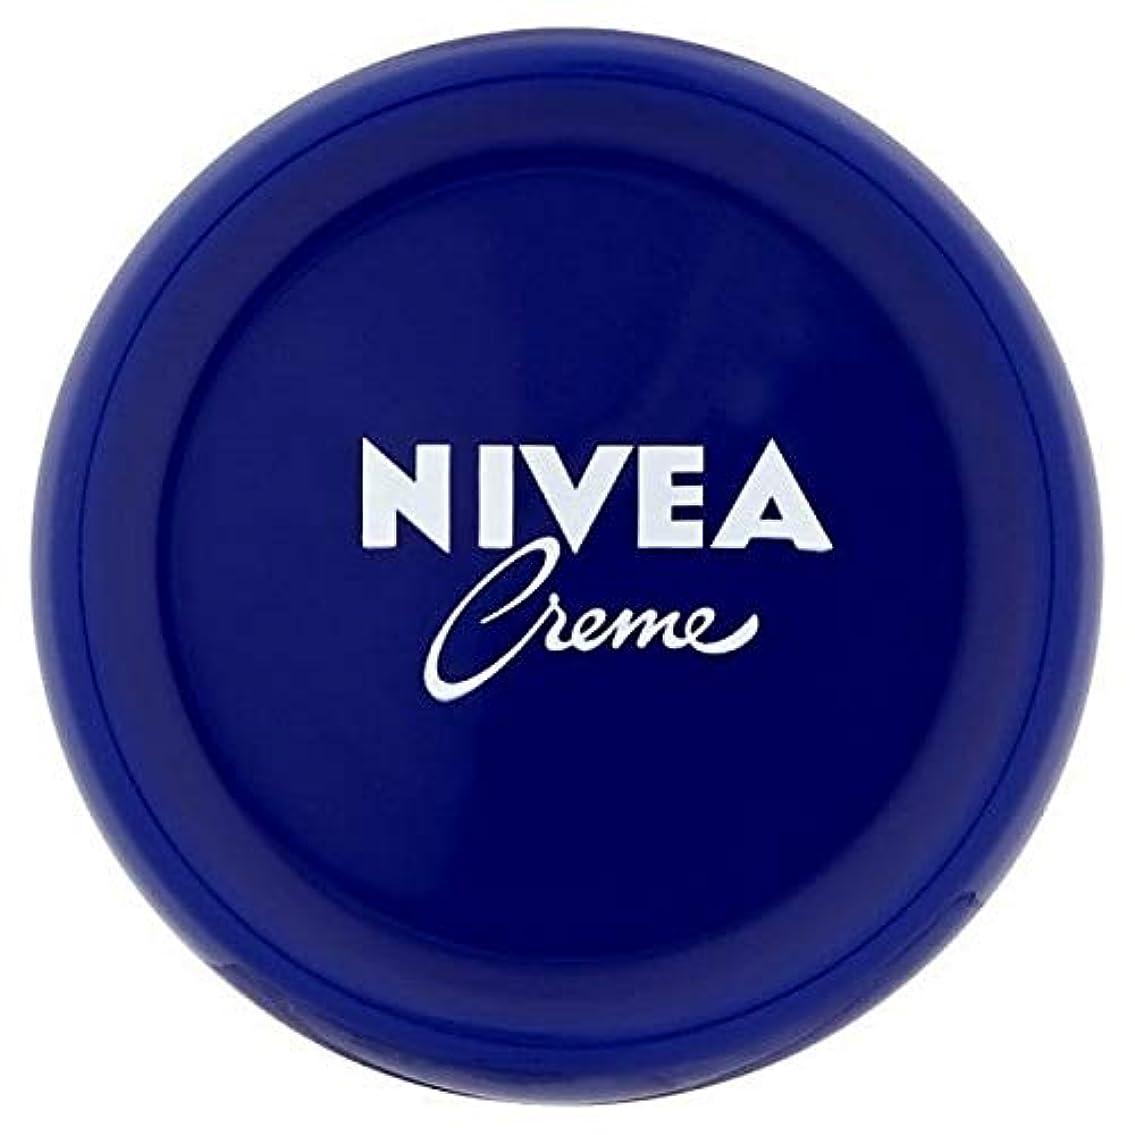 ミンチリットル芽[Nivea ] ニベアクリーム万能ボディクリーム、50ミリリットル - NIVEA Creme All Purpose Body Cream, 50ml [並行輸入品]